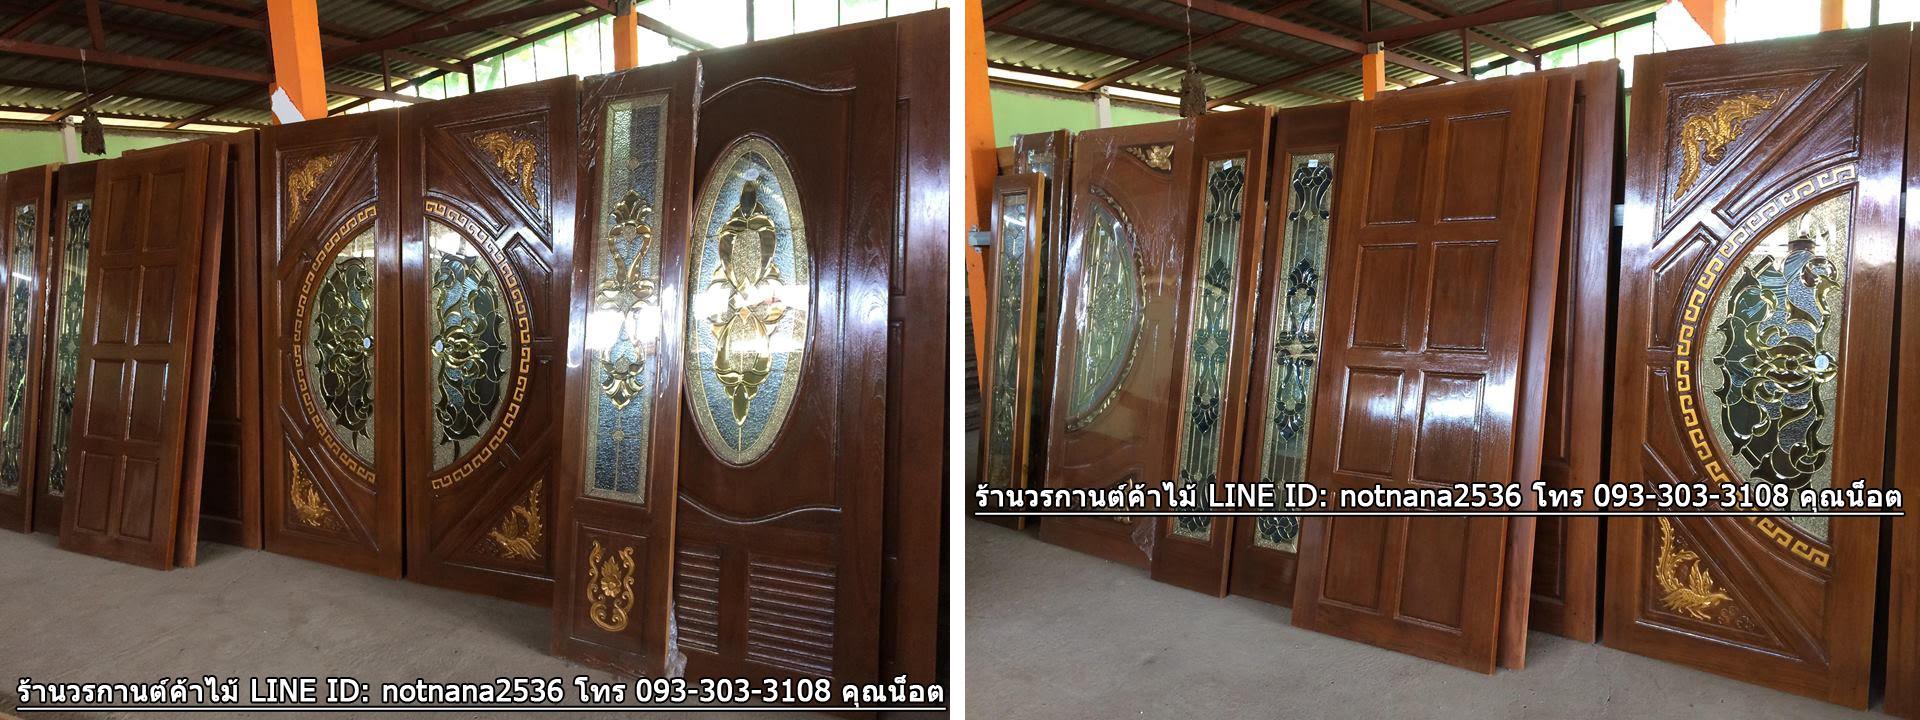 ประตูไม้สัก ทุกรูปแบบ,เน้นคุณภาพ,ราคาโรงงาน